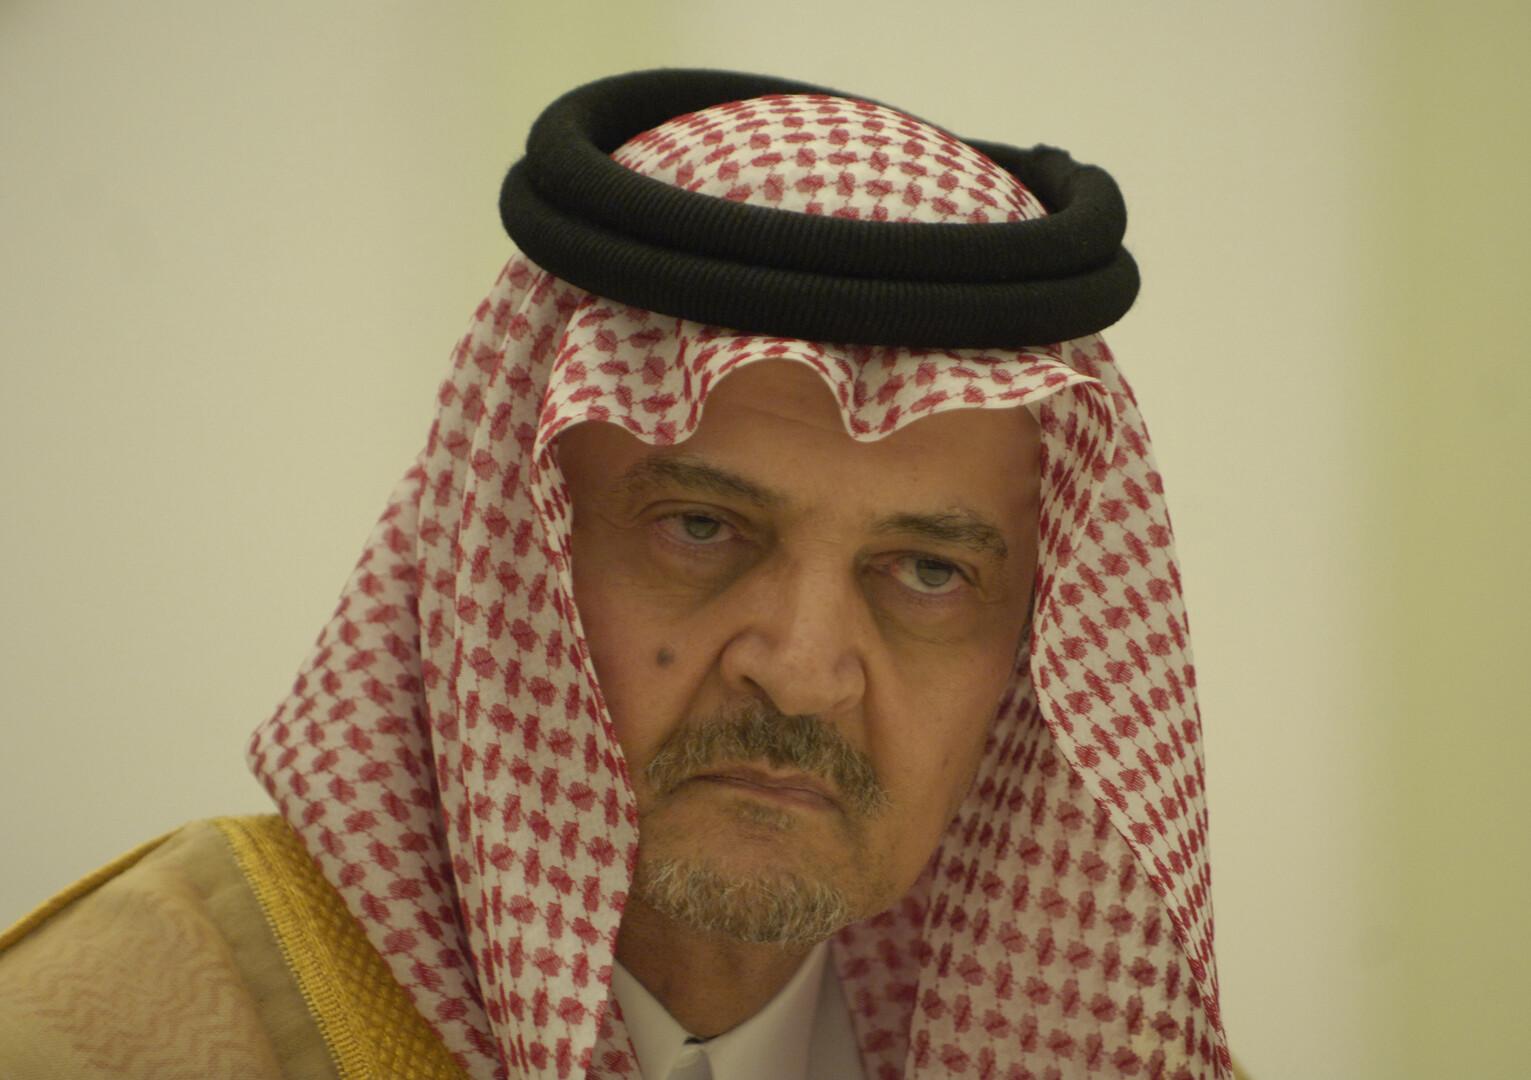 سر بكاء الأمير سعود الفيصل في موسكو (فيديو)